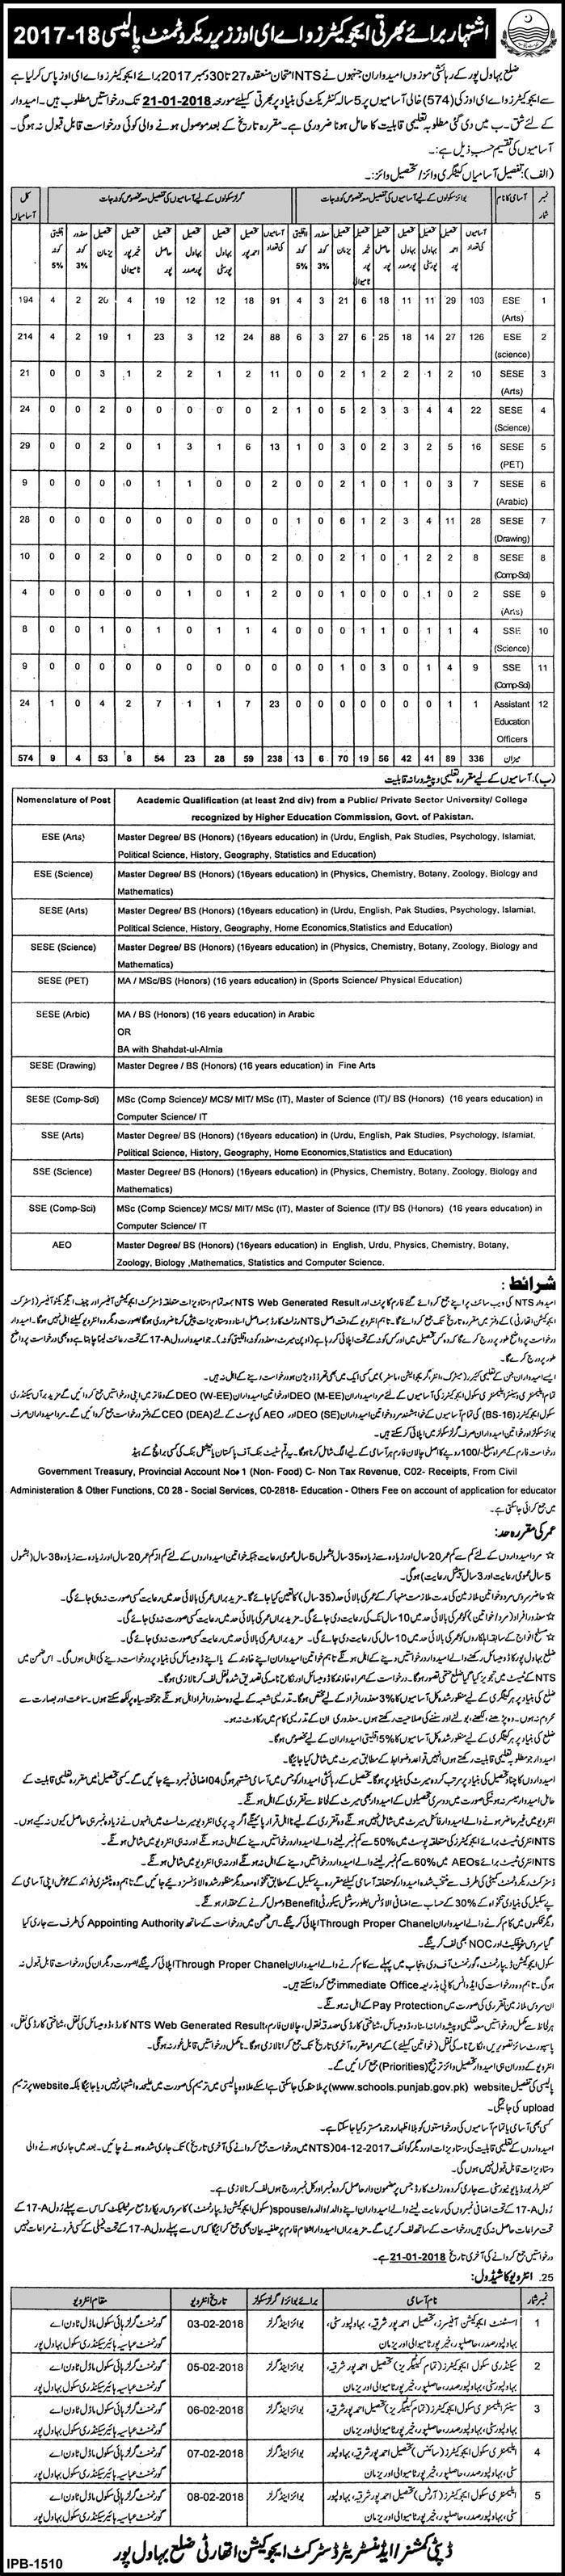 District Bahawalpur Educators Jobs 2018 Schools Teachers Jobs Form Date